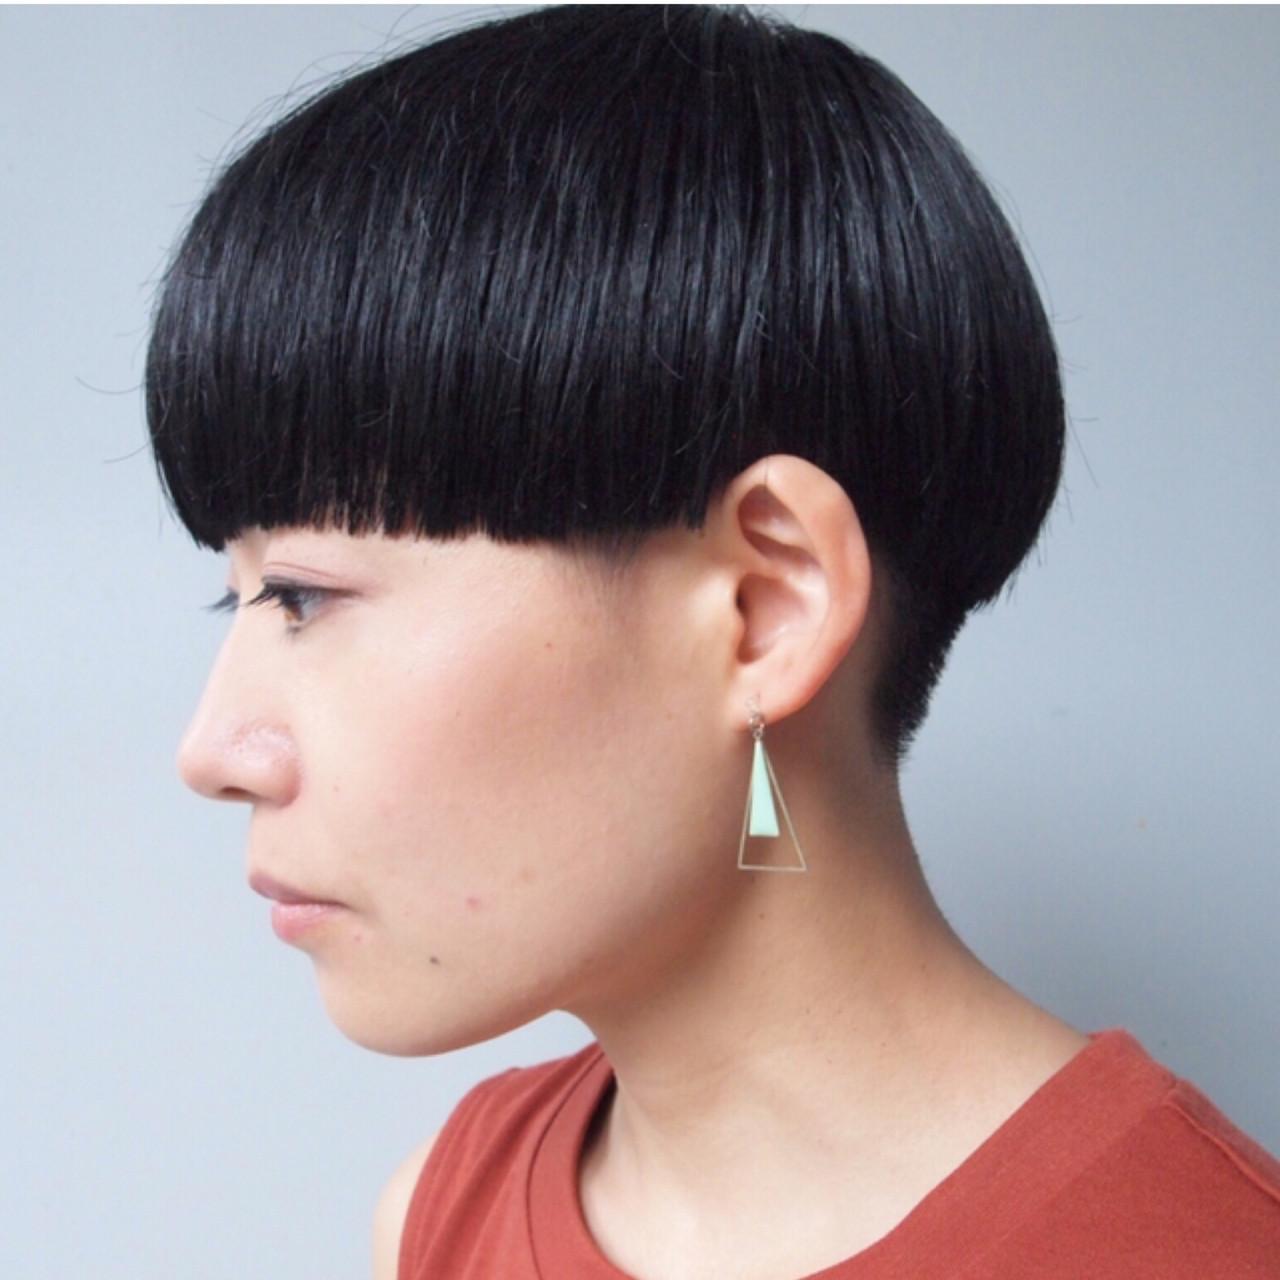 オフィス ショート マッシュショート 黒髪 ヘアスタイルや髪型の写真・画像